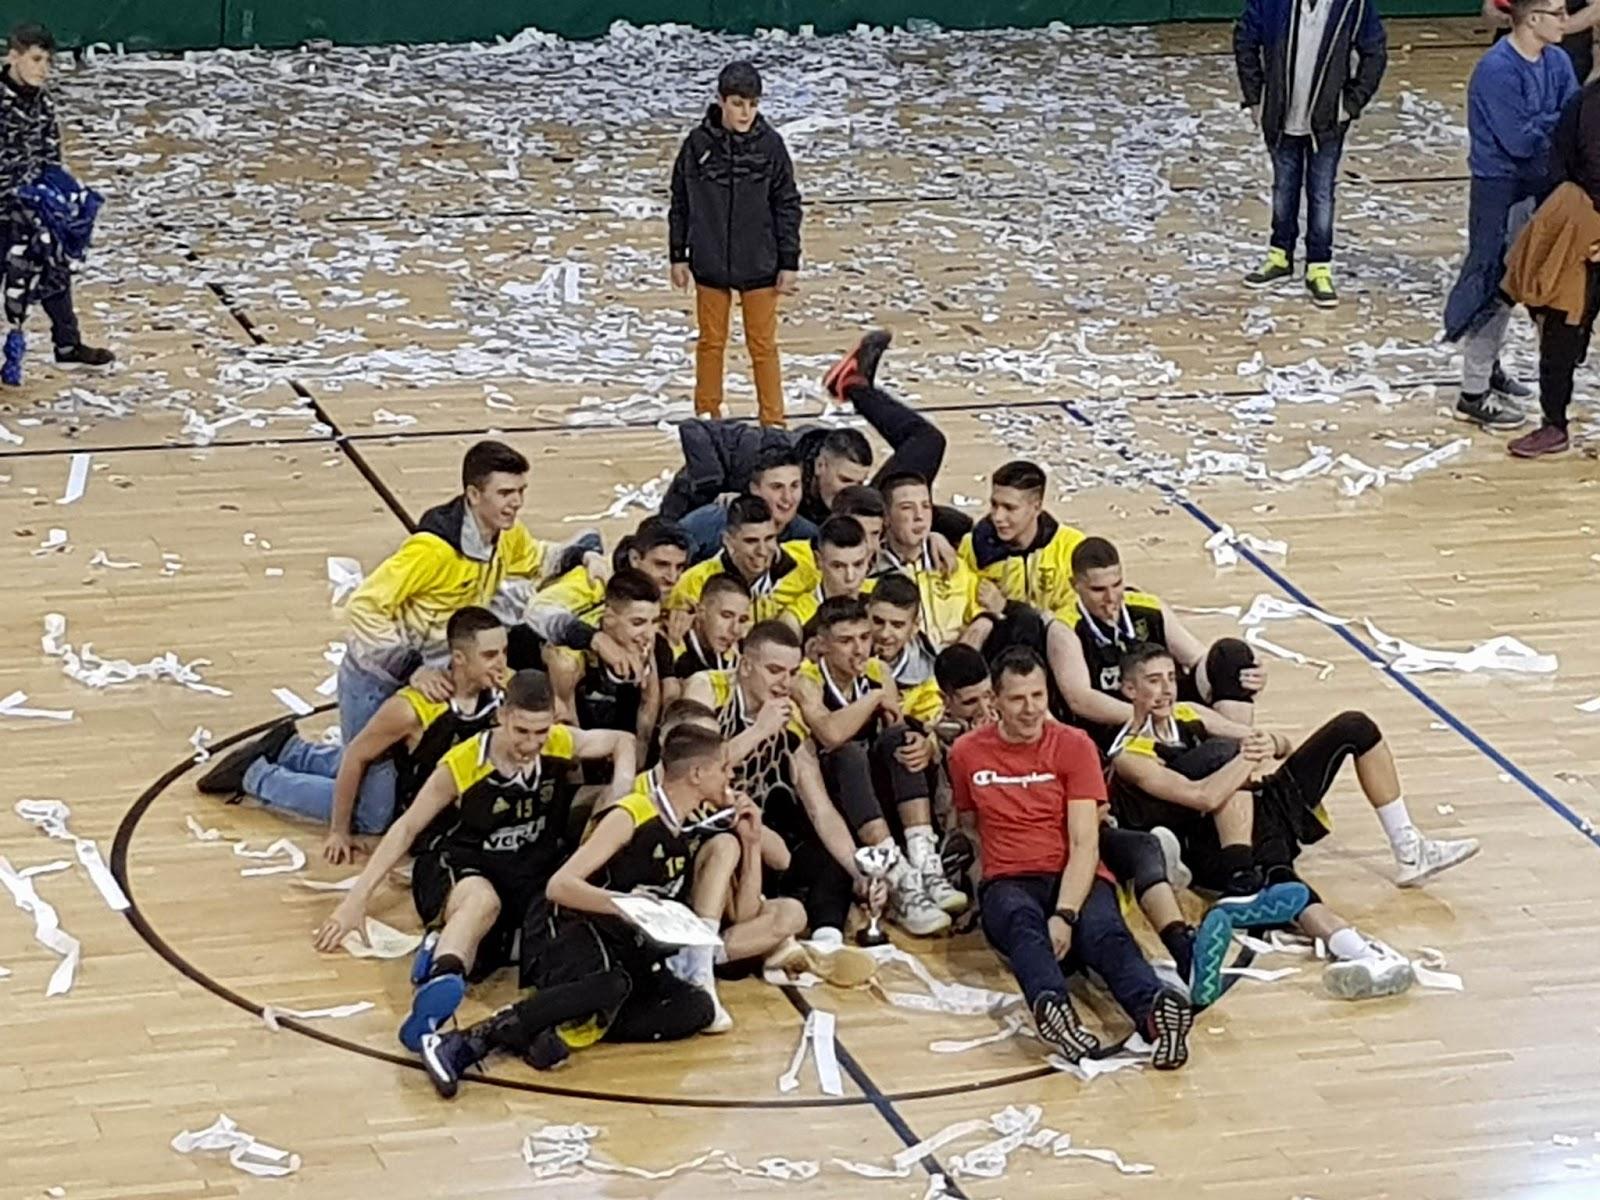 Πρωταθλητής Παίδων ΕΚΑΣΔΥΜ 2017-18 ο Πρωτέας Γρεβενών